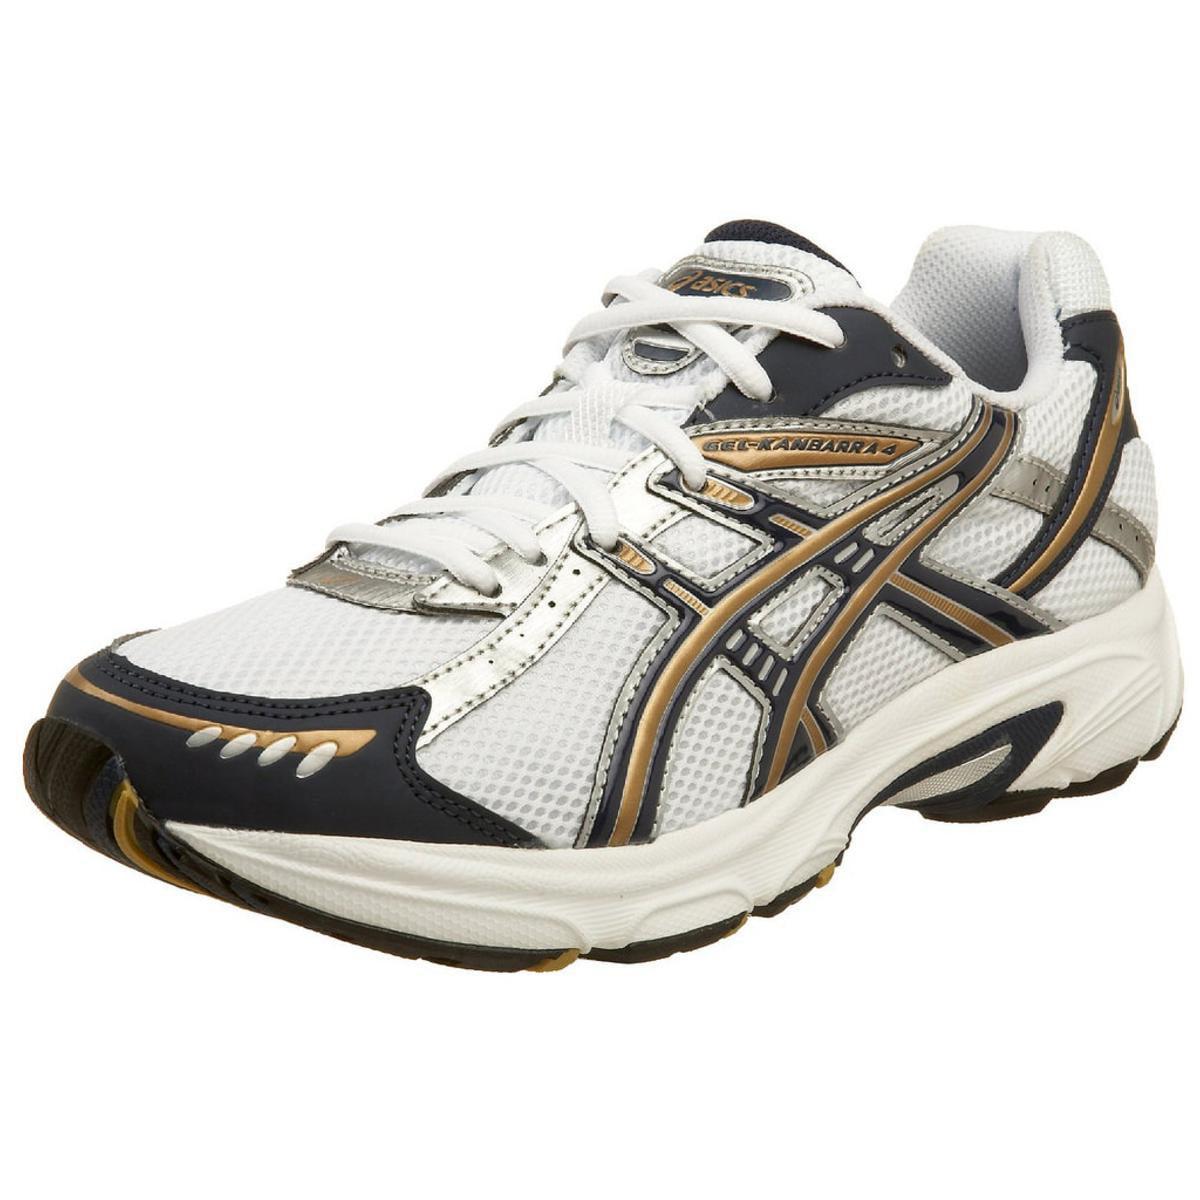 Asics Gel-Kanbarra 4 Men's White Navy Gold Running Sneakers 14M by ASICS